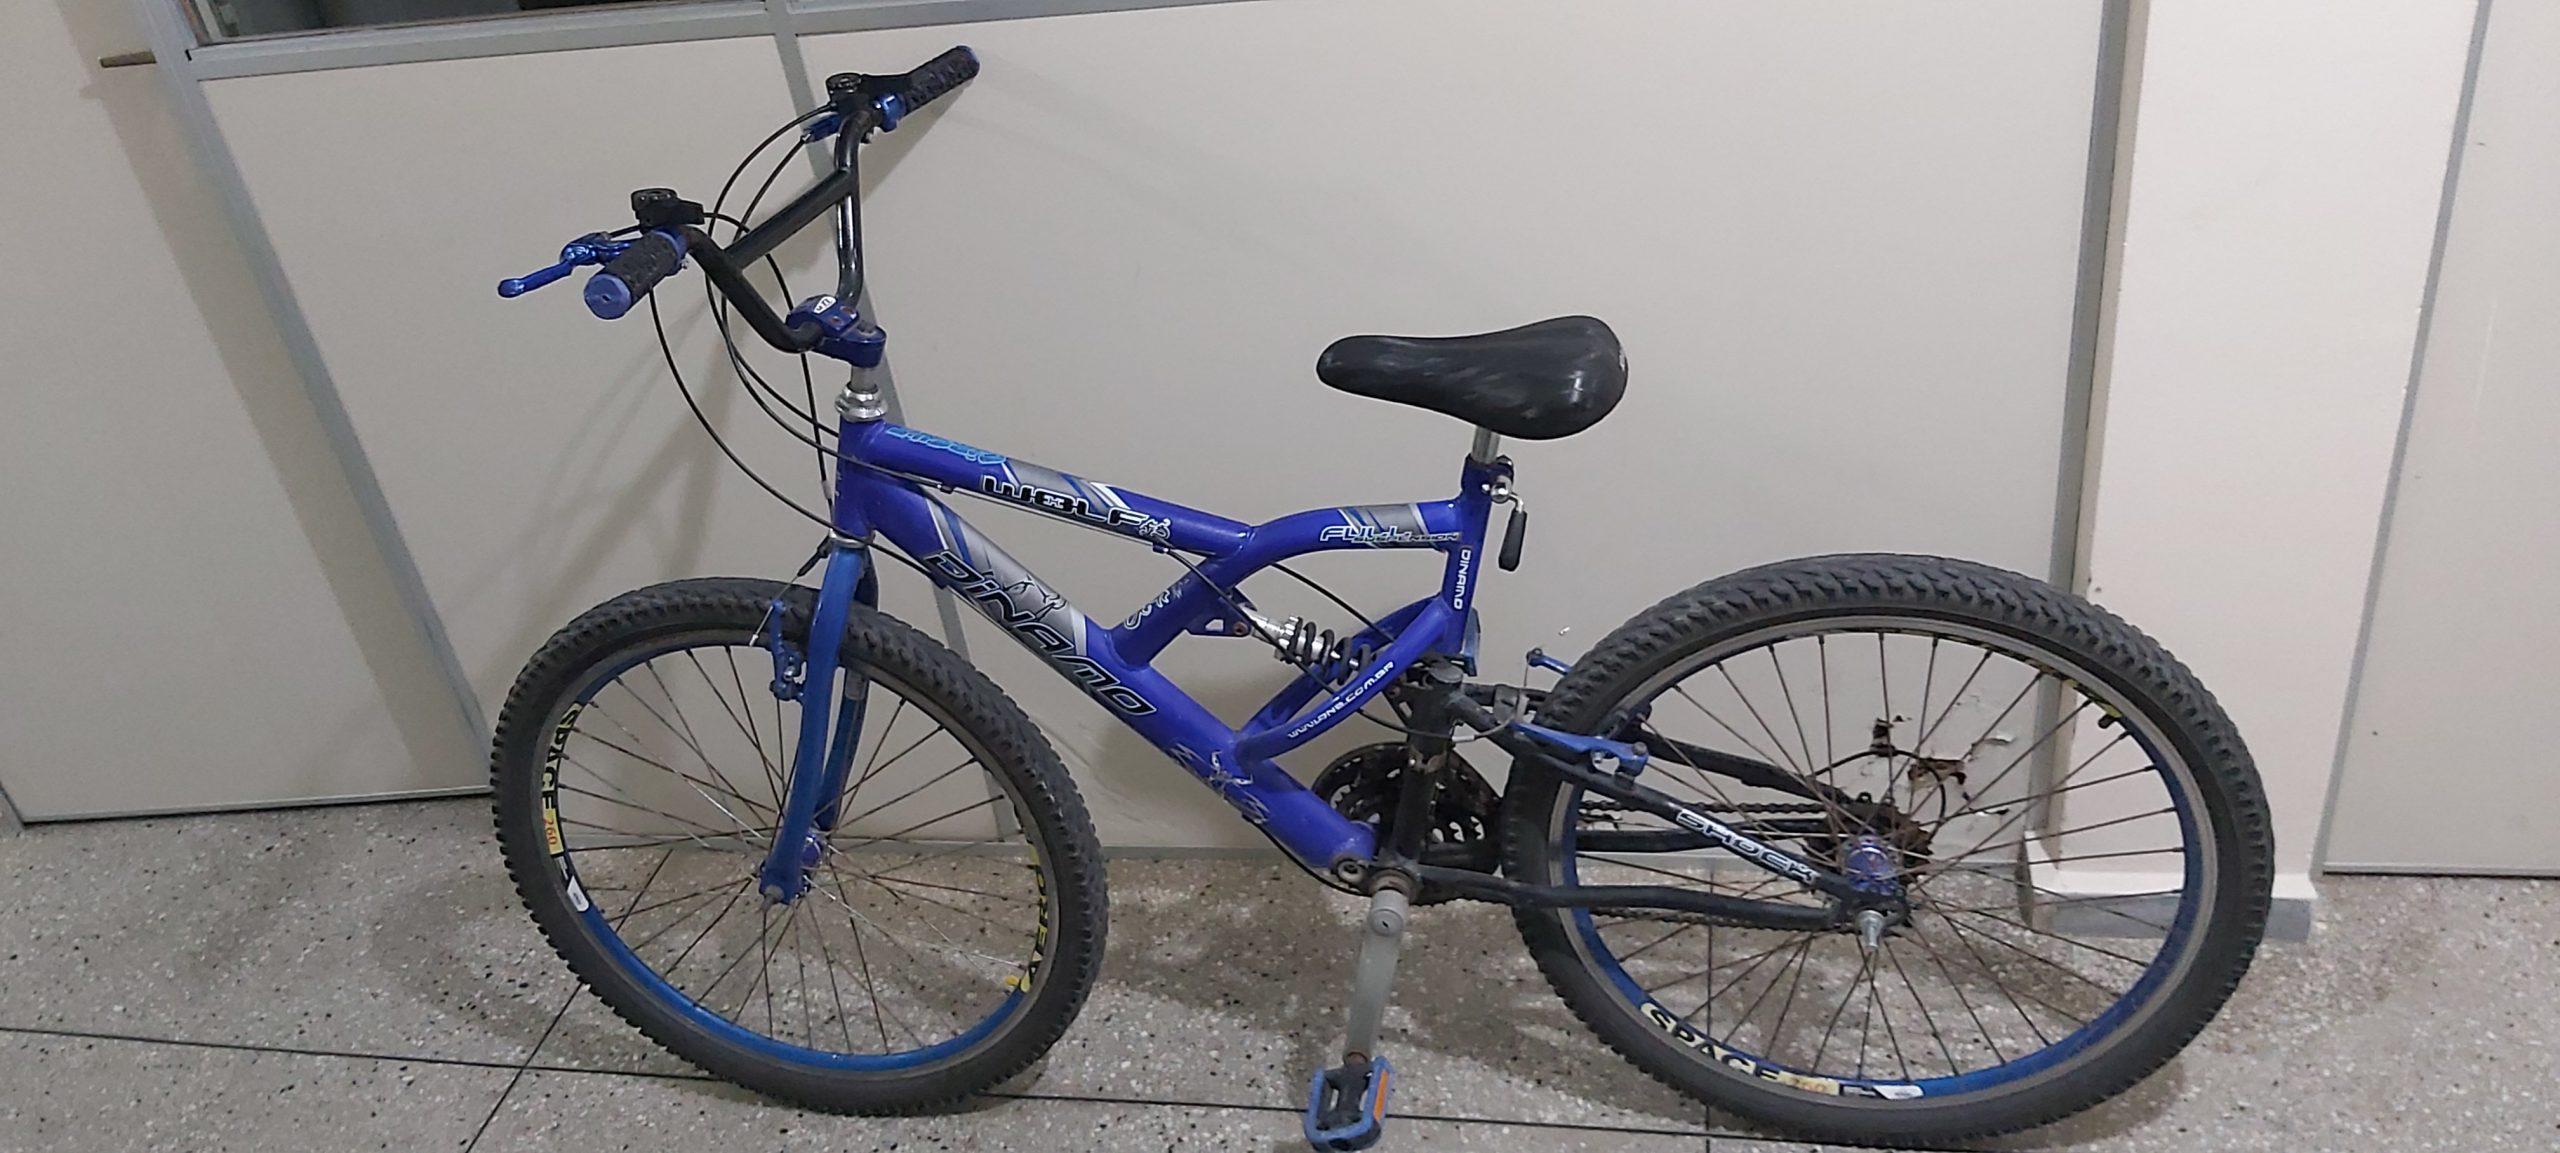 Bicicleta abandonada pelo suspeito na Rodoviária de Caicó